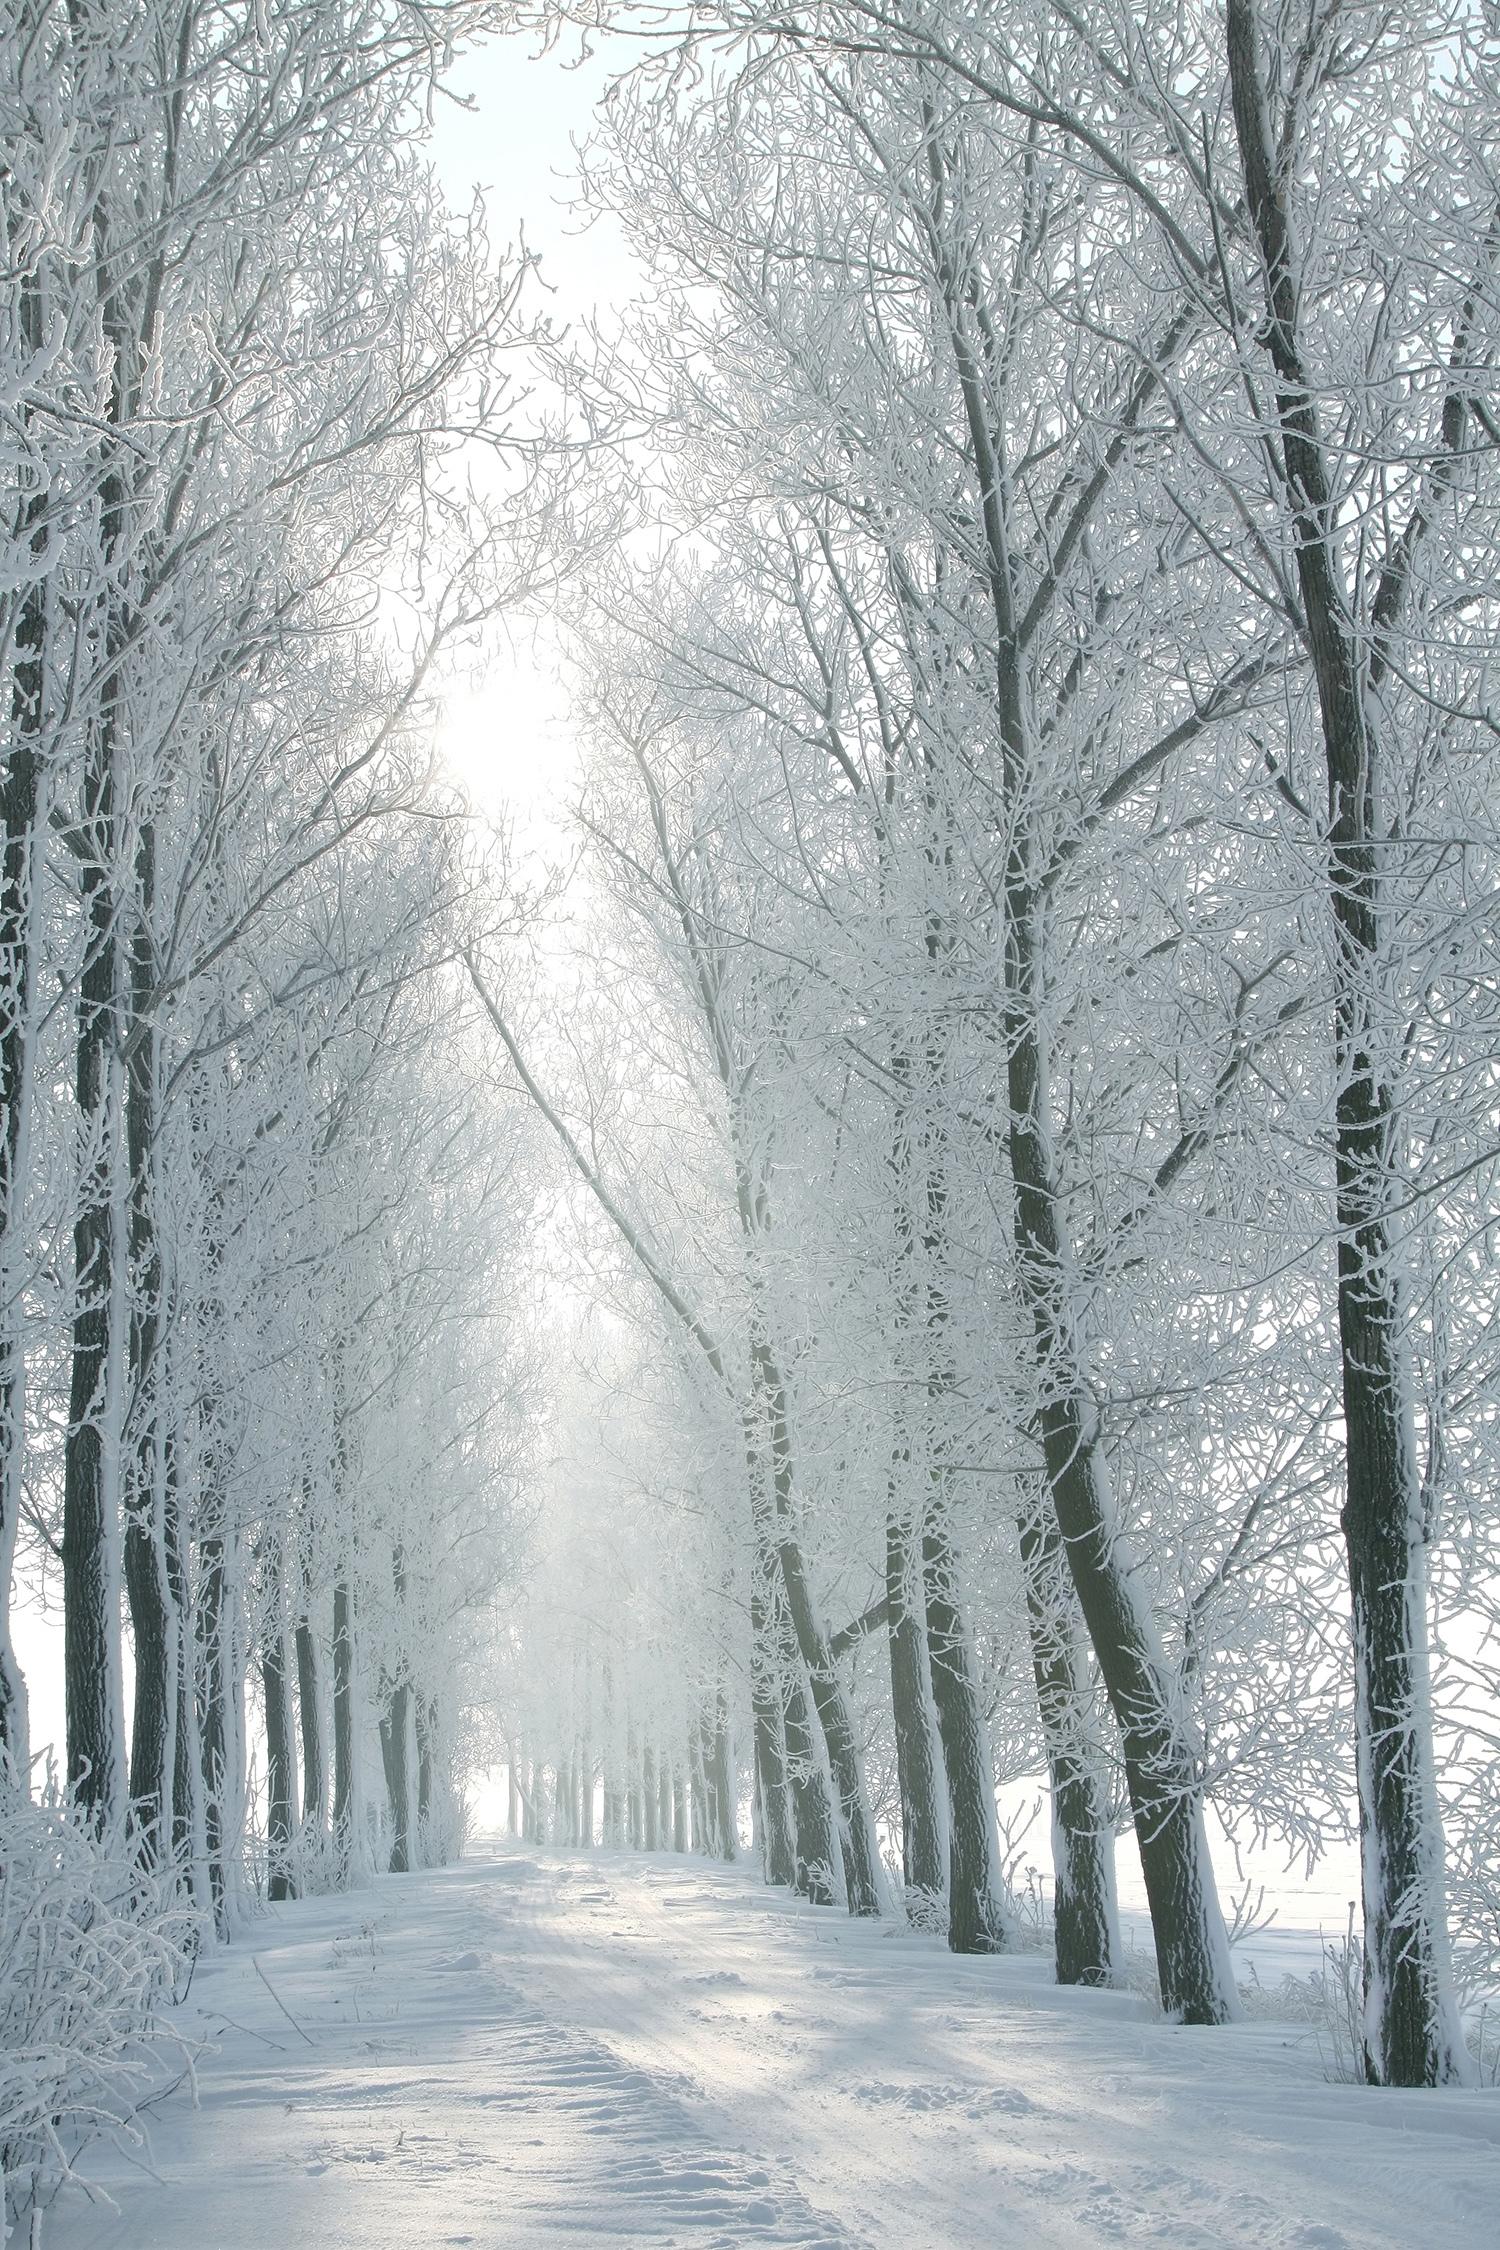 Winterruralroadbetweenthetreescoveredwithfrost.jpg